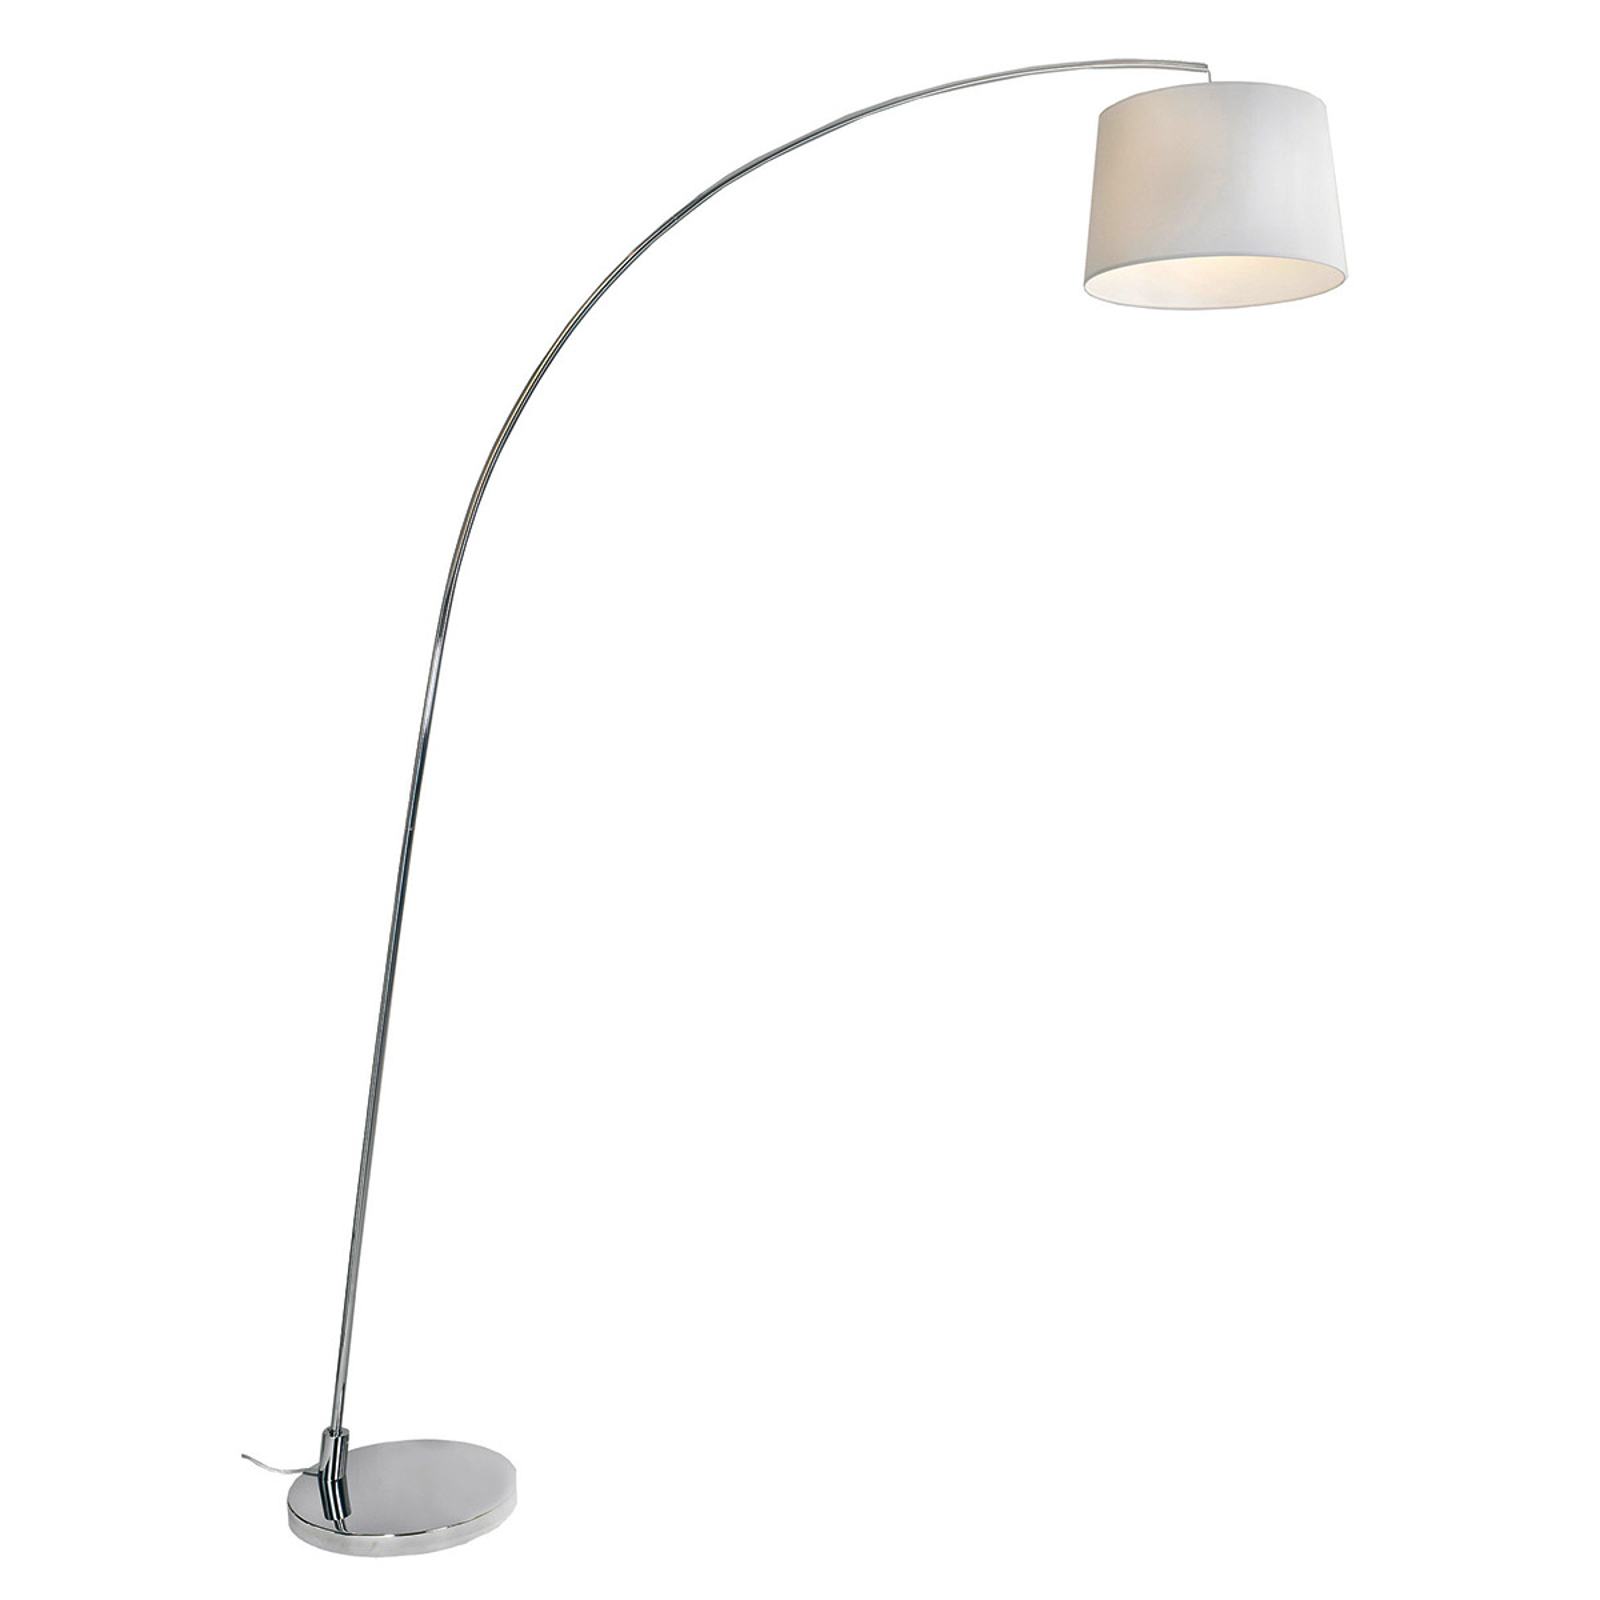 Lampa łukowa ARC IS, chrom